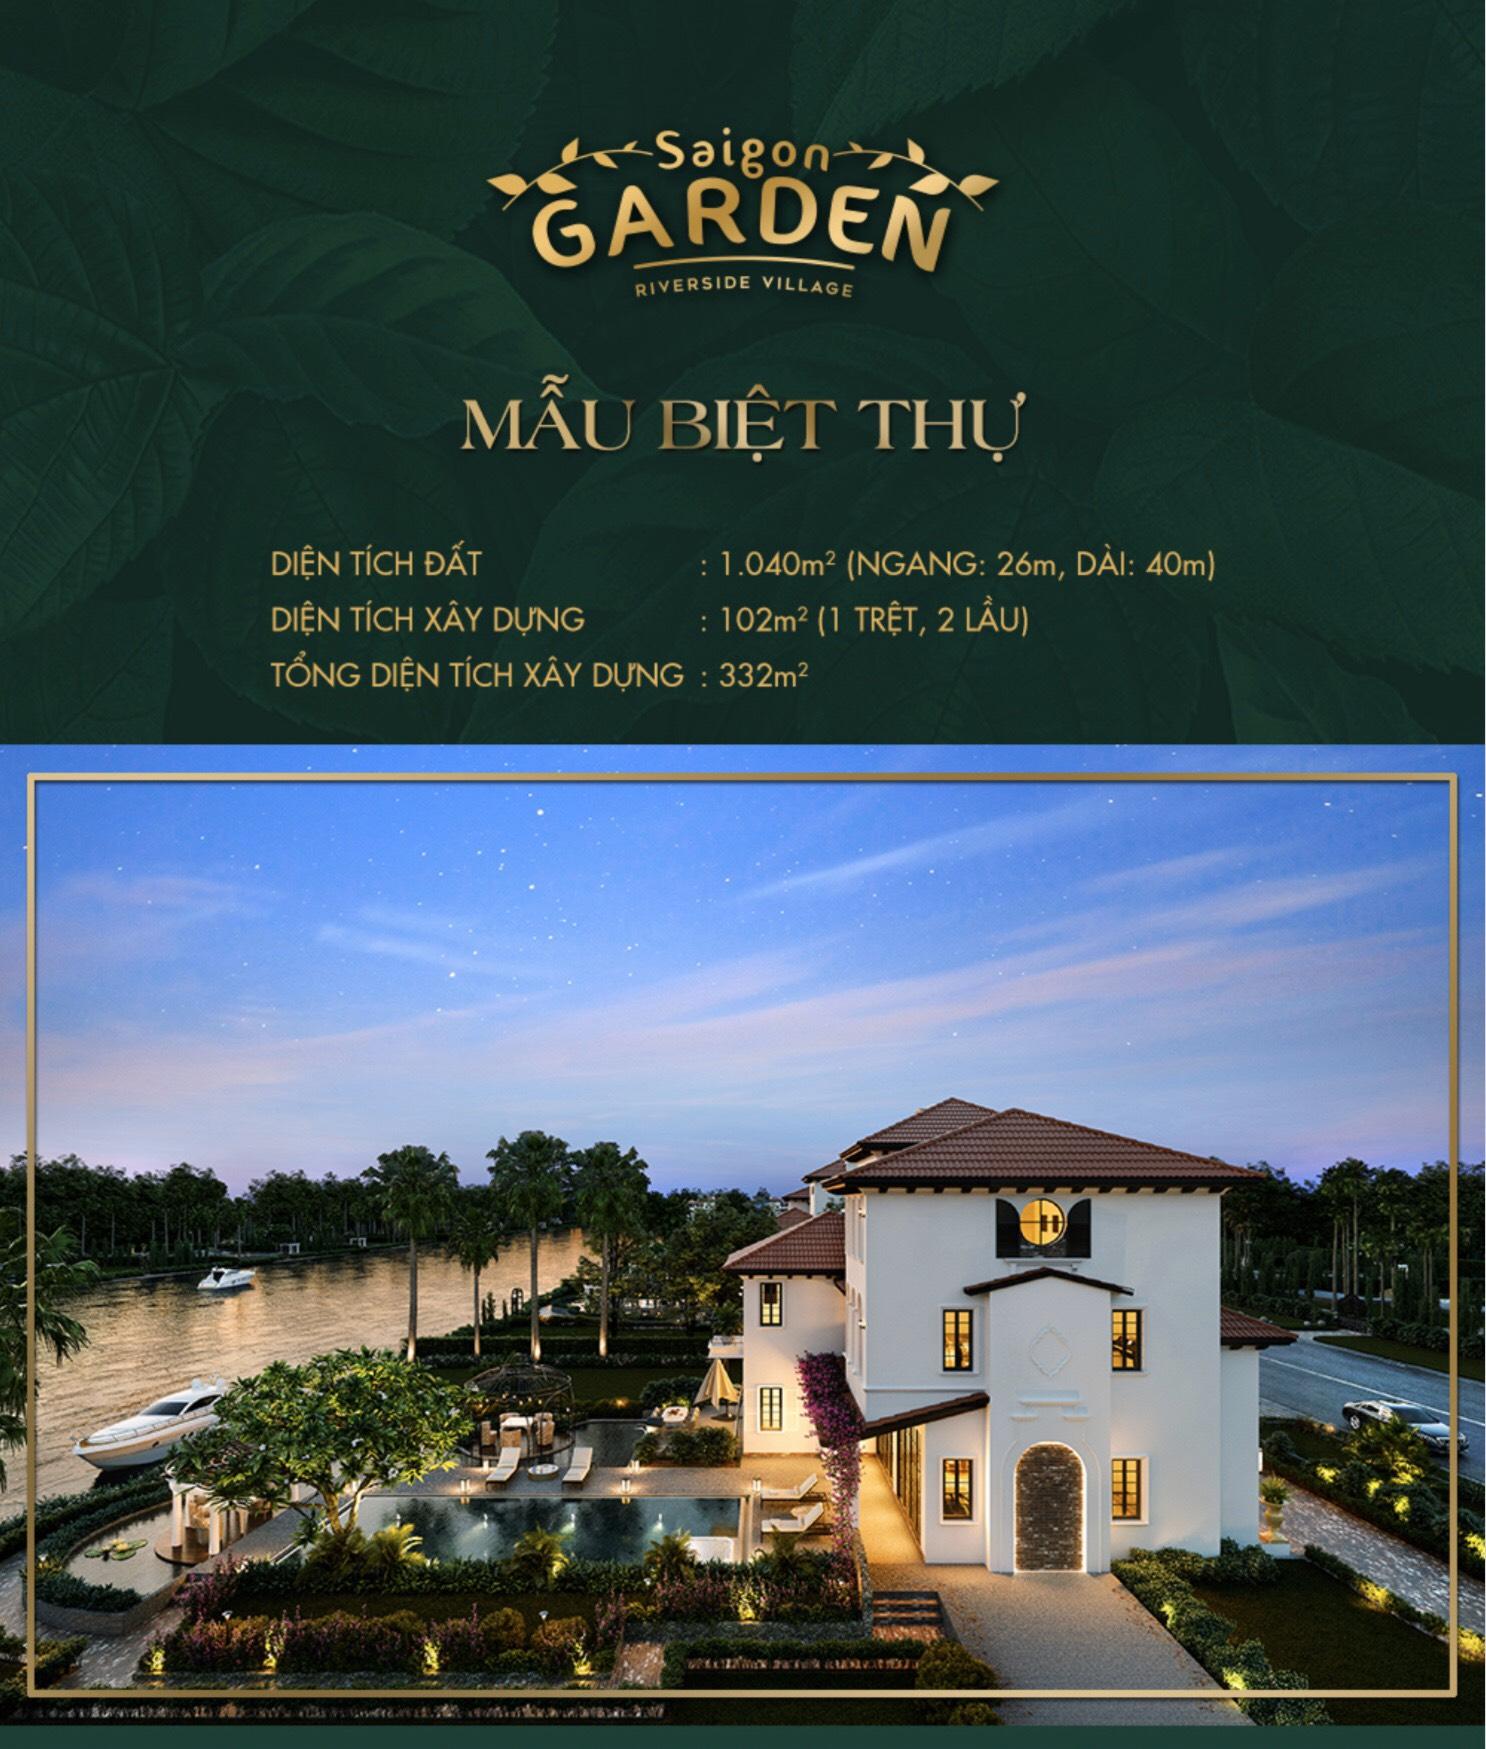 Mẫu biệt thự Saigon Garden Riverside Village